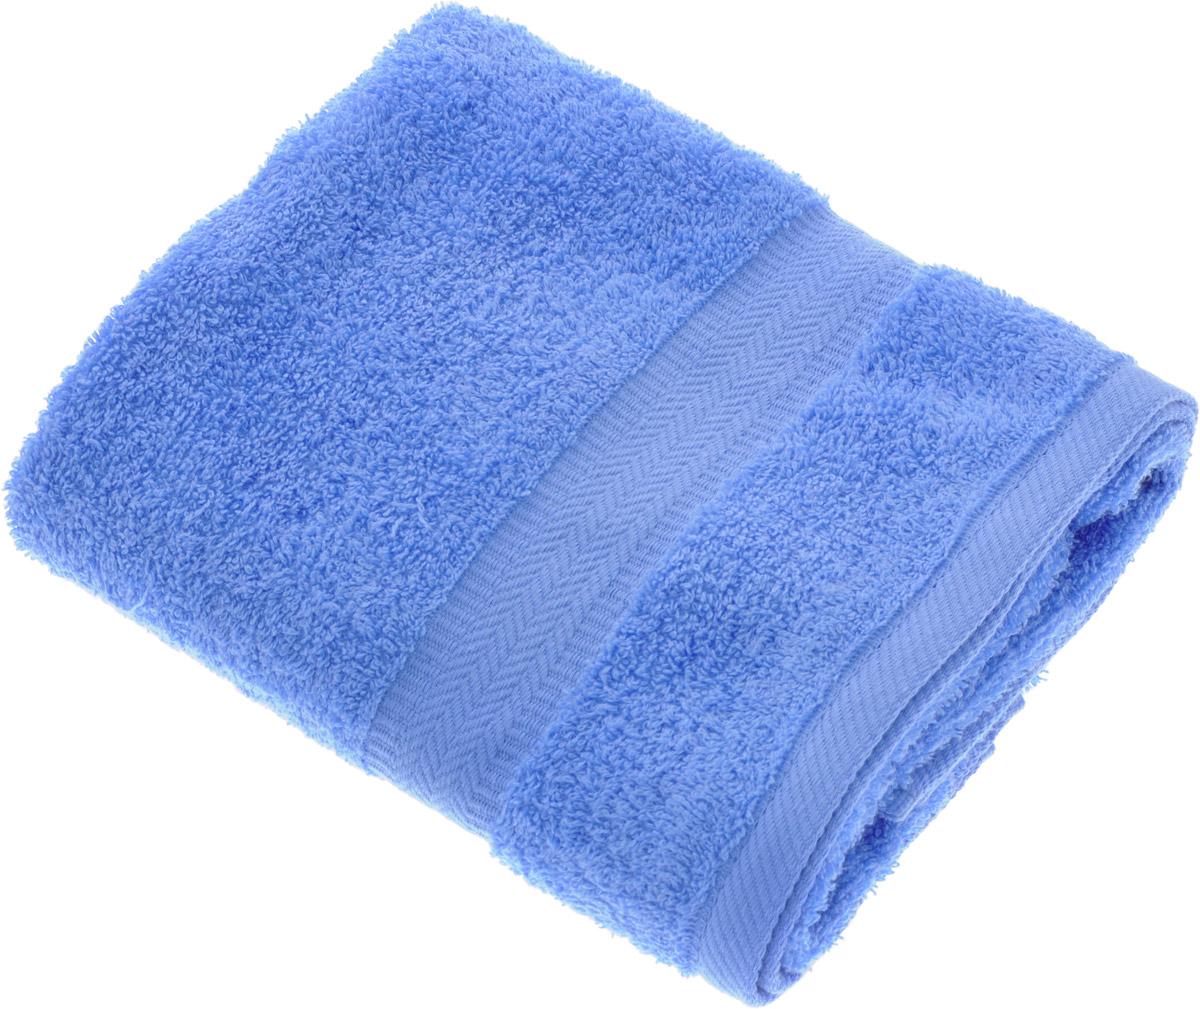 Полотенце Aquarelle Настроение, цвет: синий, 50 х 90 см. 70627168/5/4Полотенце Aquarelle Настроение выполнено из 100% хлопка. Изделие отлично впитывает влагу, быстро сохнет, сохраняет яркость цвета и не теряет форму даже после многократных стирок. Такое полотенце очень практично и неприхотливо в уходе. Оно создаст прекрасное настроение и украсит интерьер в ванной комнате.